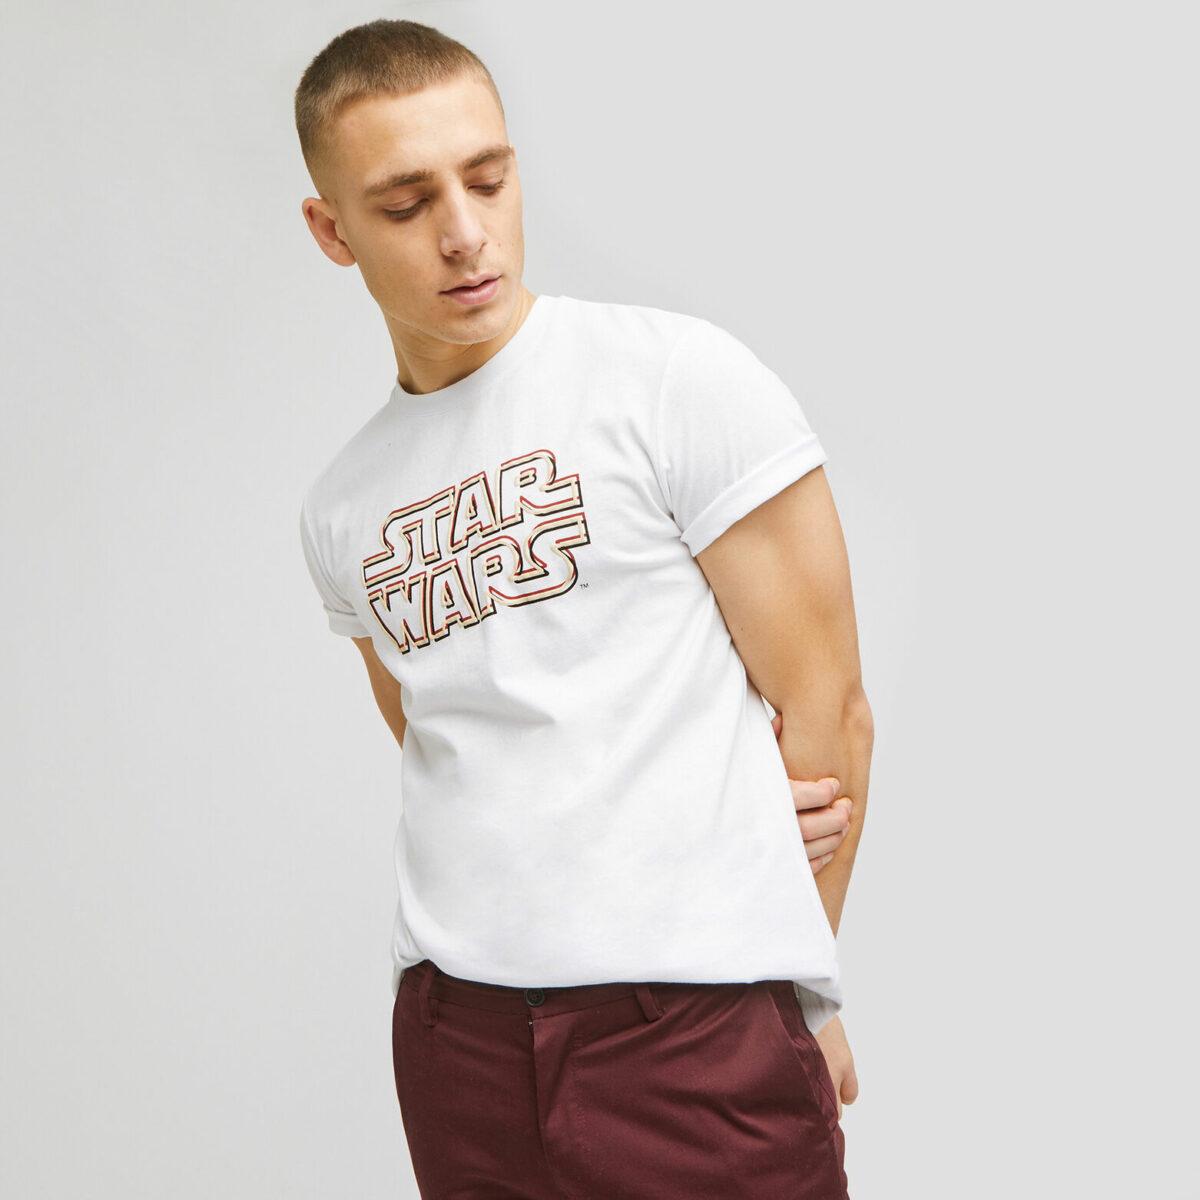 t-shirt Jules Star Wars